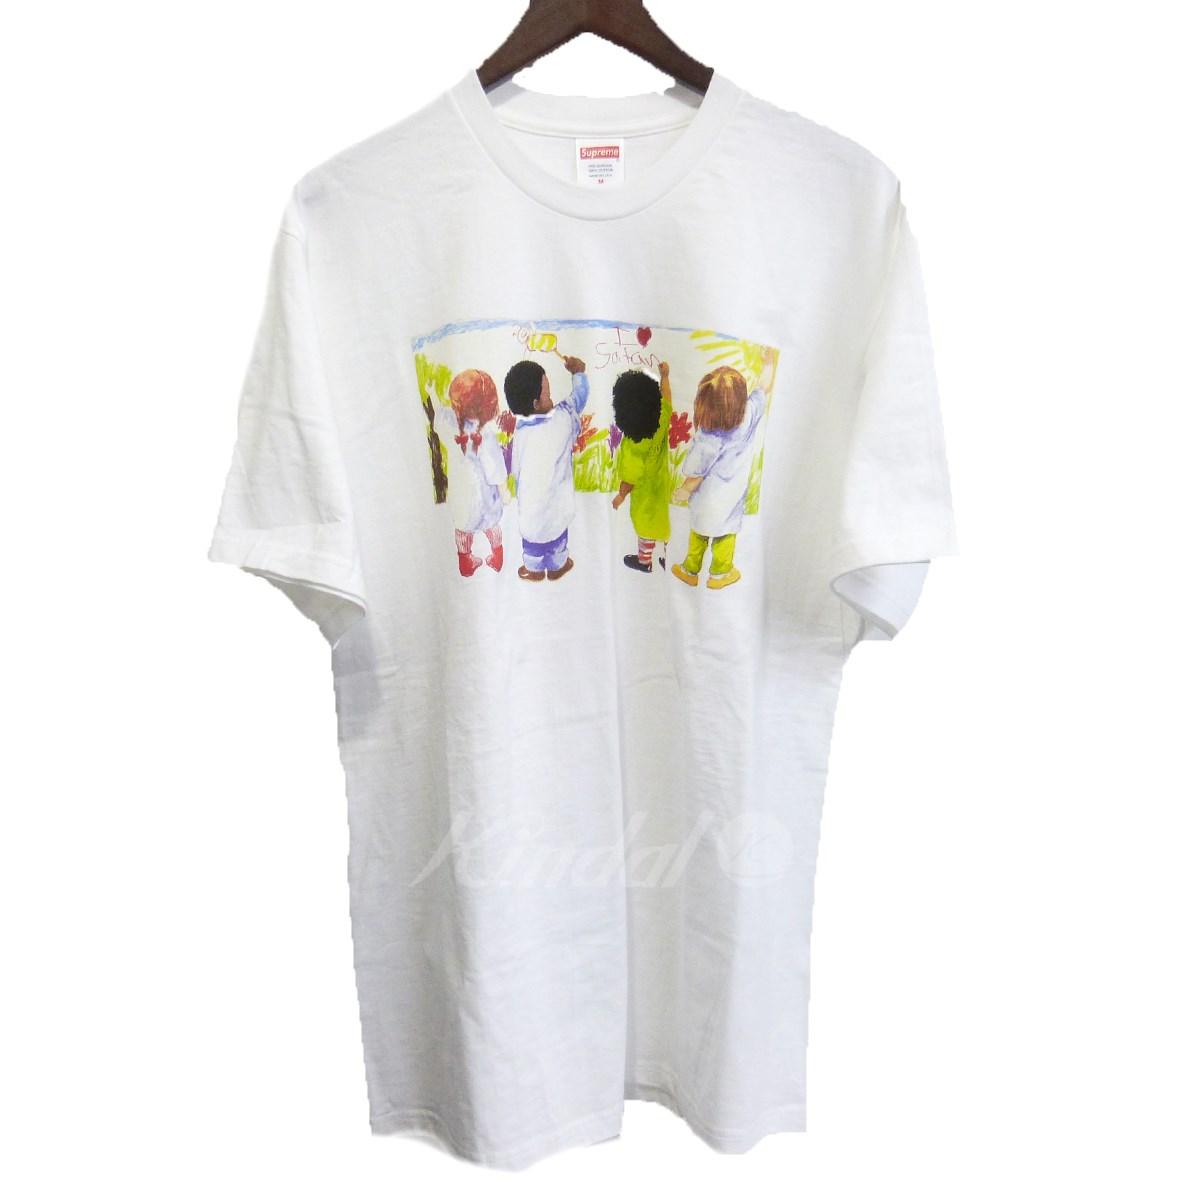 【中古】SUPREME 19SS 「Kids Tee」 キッズTシャツ ホワイト サイズ:M 【080419】(シュプリーム)